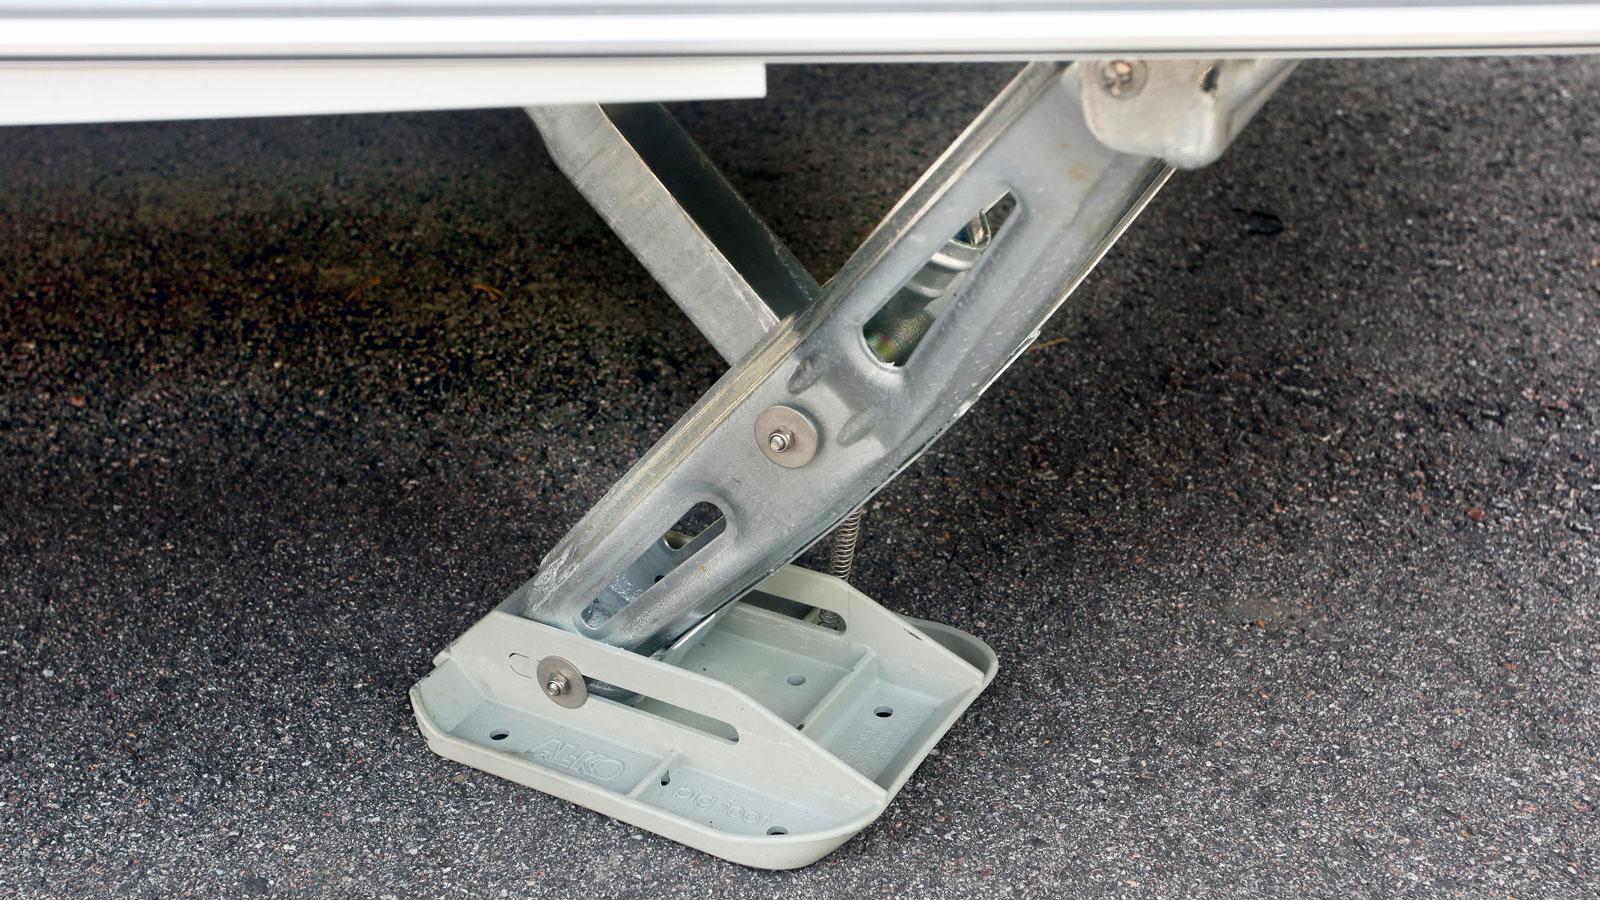 Stabilitet på mjukt underlag tack vare den tjockare foten till stödbenen.